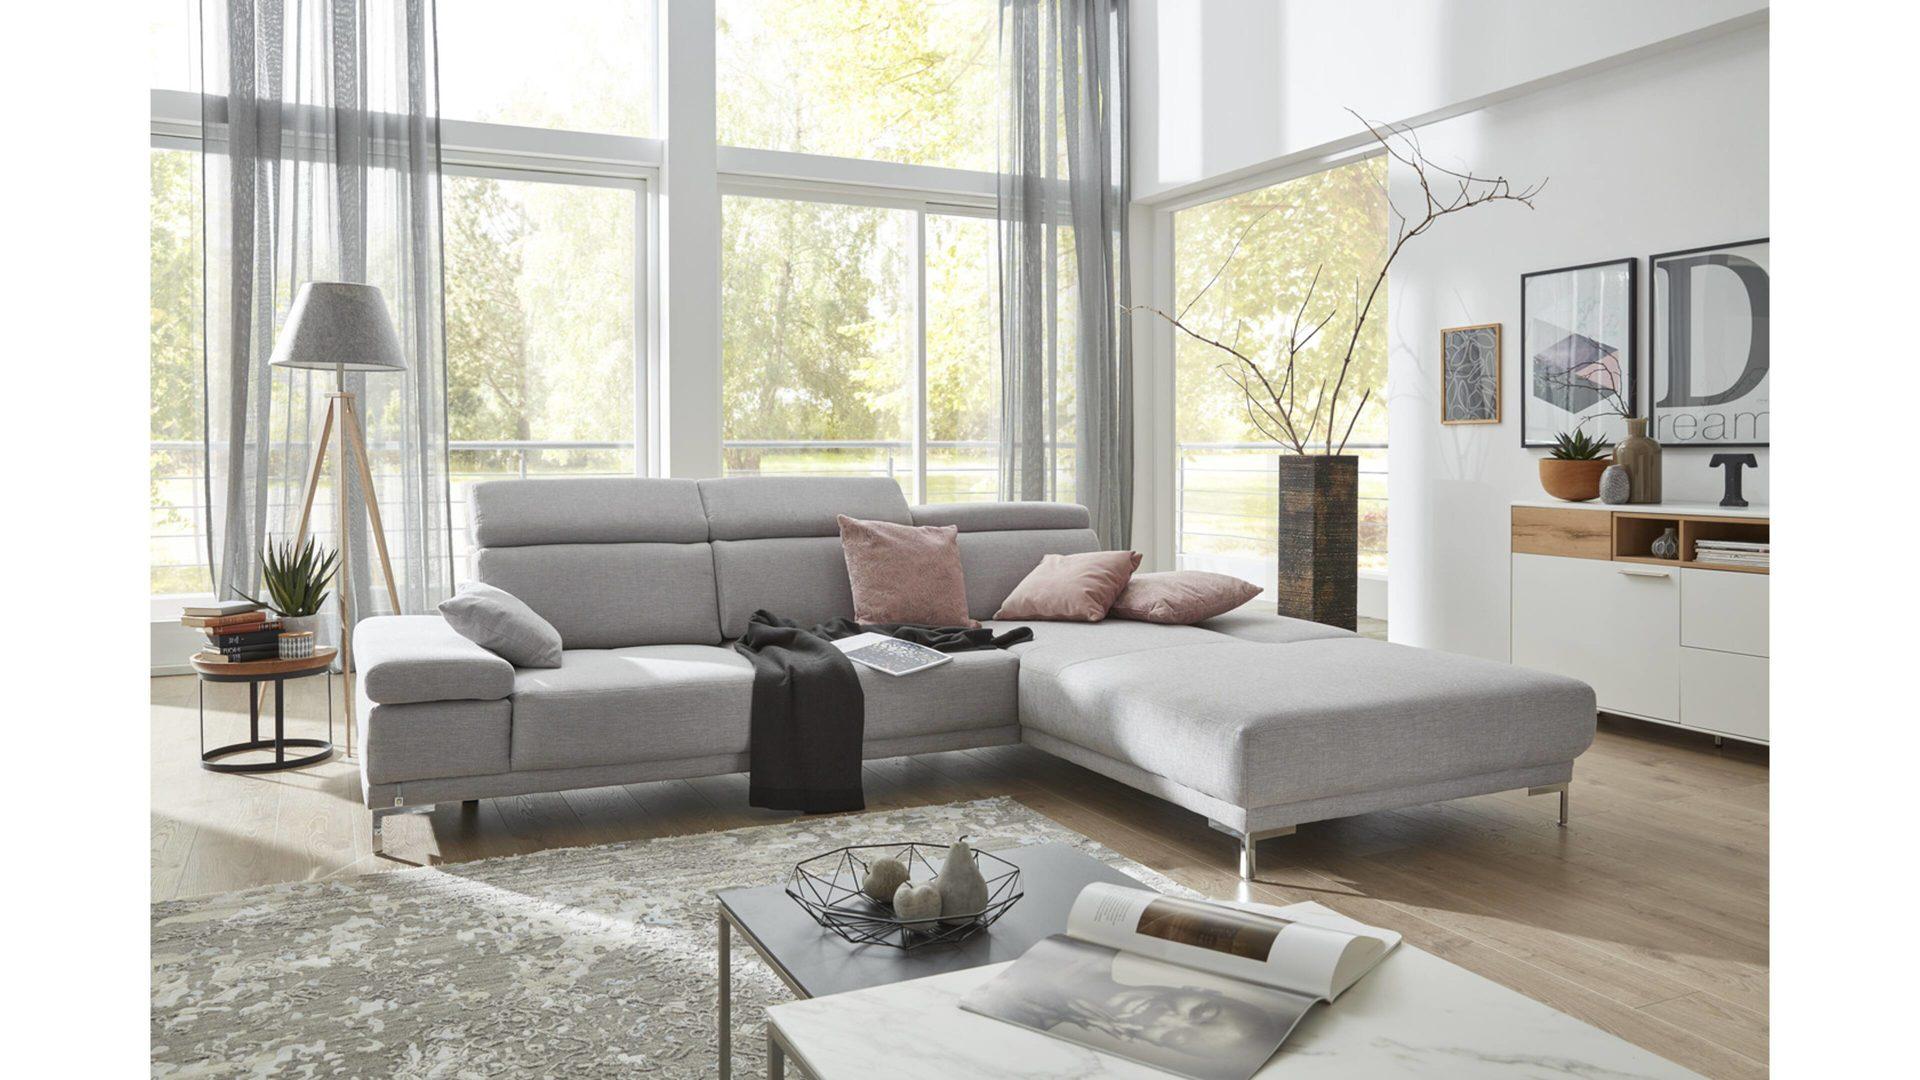 Interliving Sofa Serie 4251 Eckkombination Hellgrauer Bezug Flash